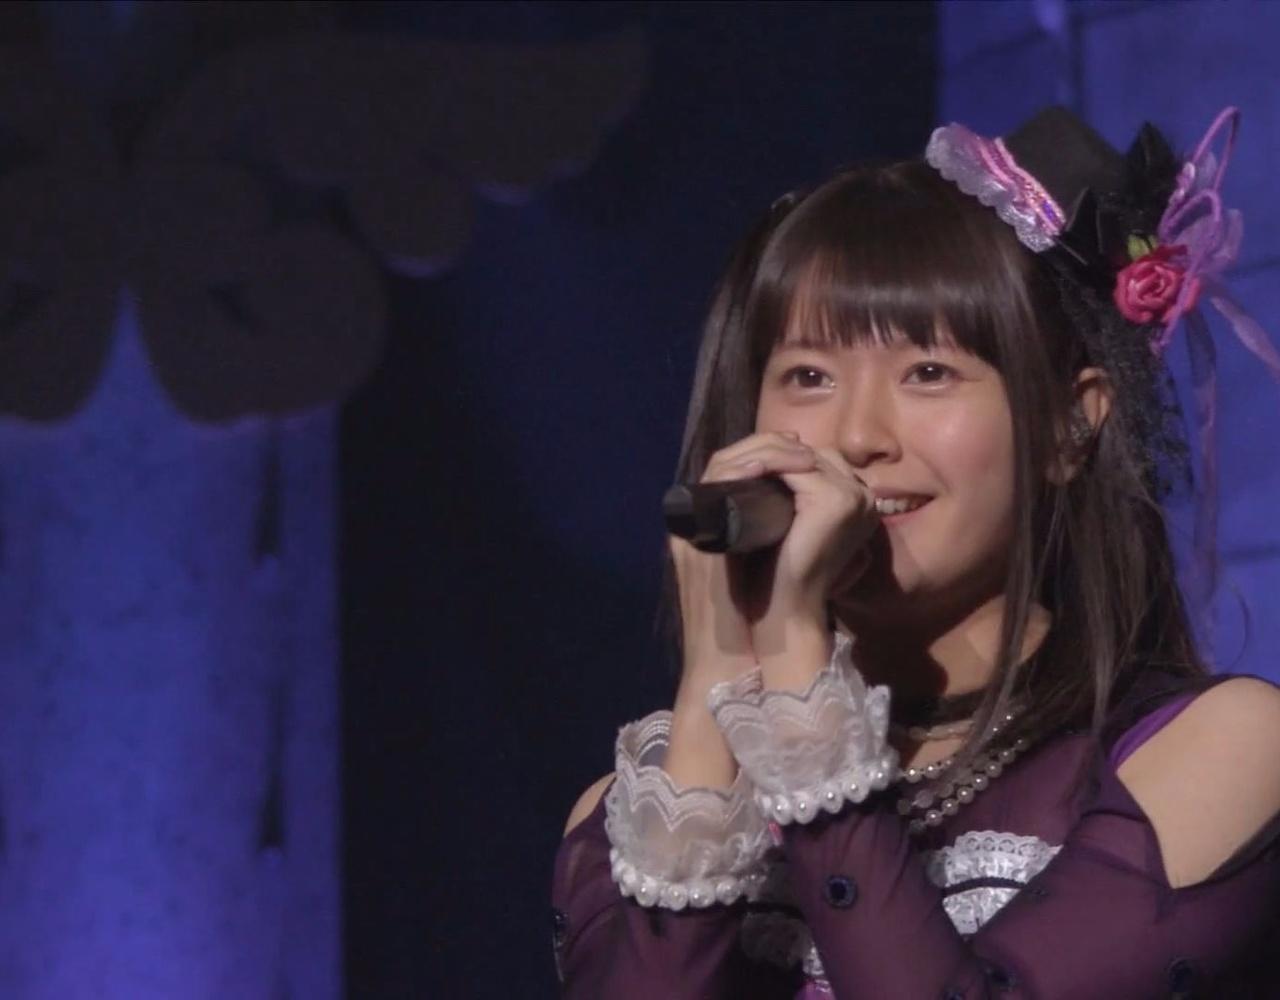 【LIVE】竹達彩奈-To my darling...(輿水幸子角色單曲)